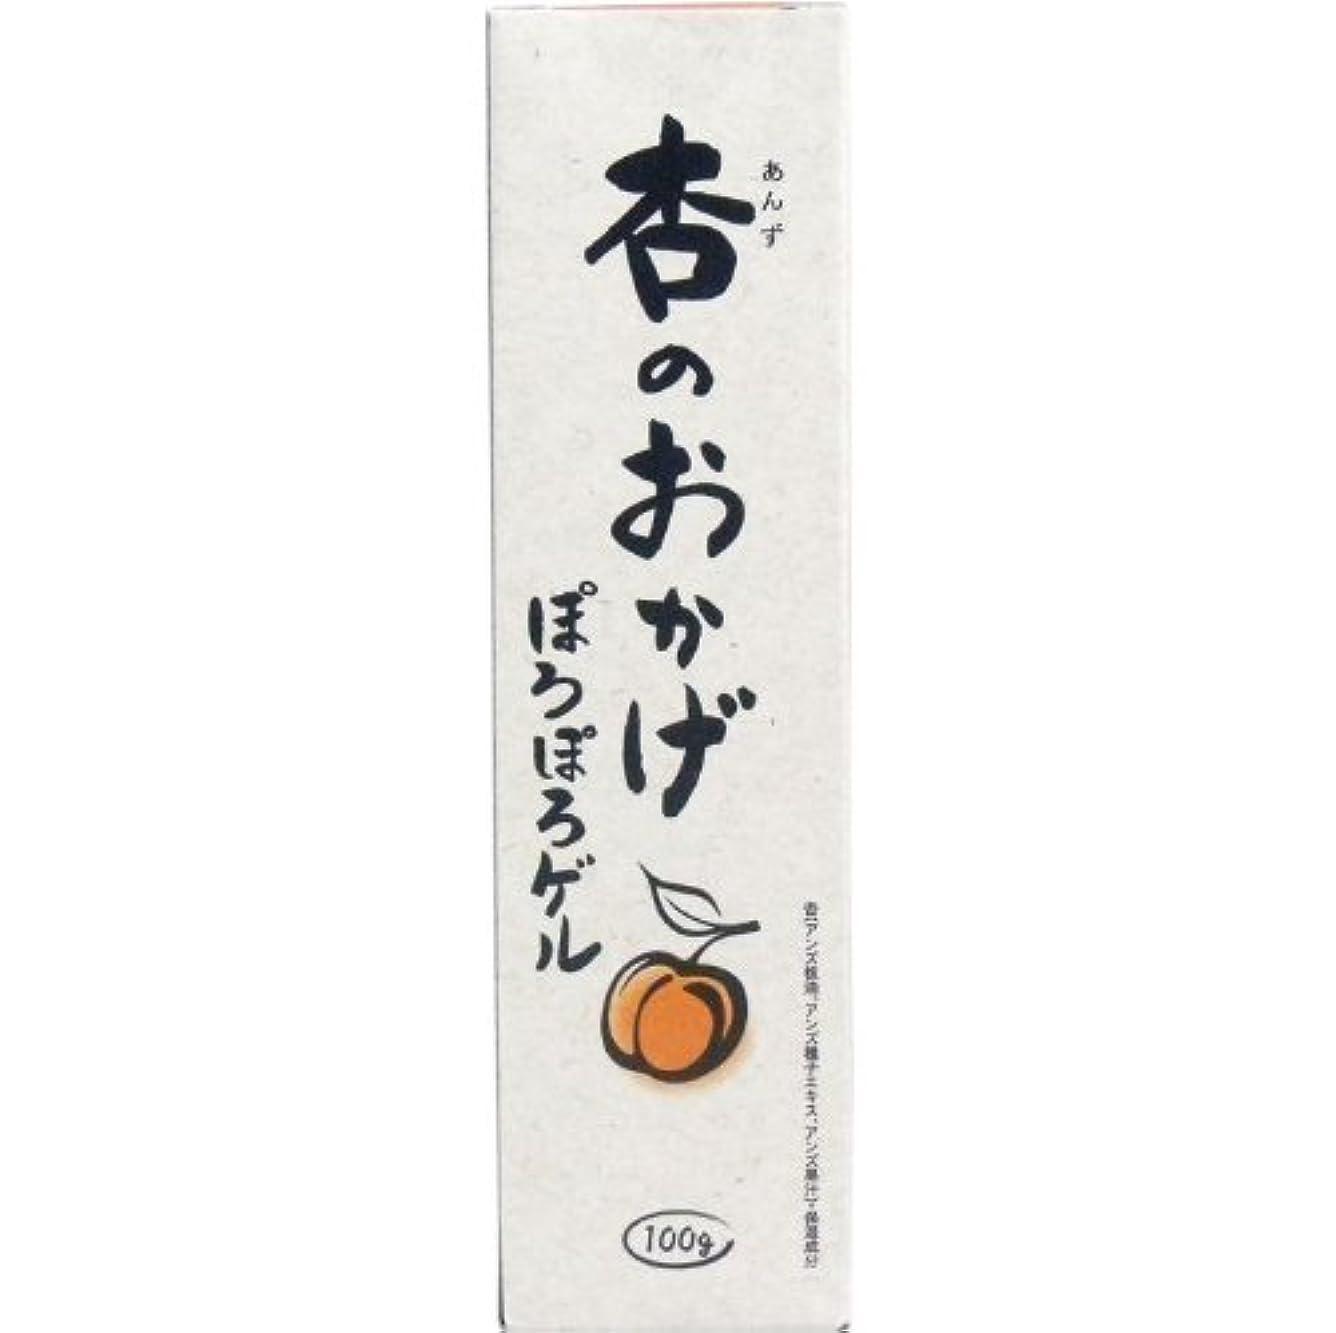 朝ごはん正確さ困難杏のおかげ ぽろぽろゲル 100g【2個セット】